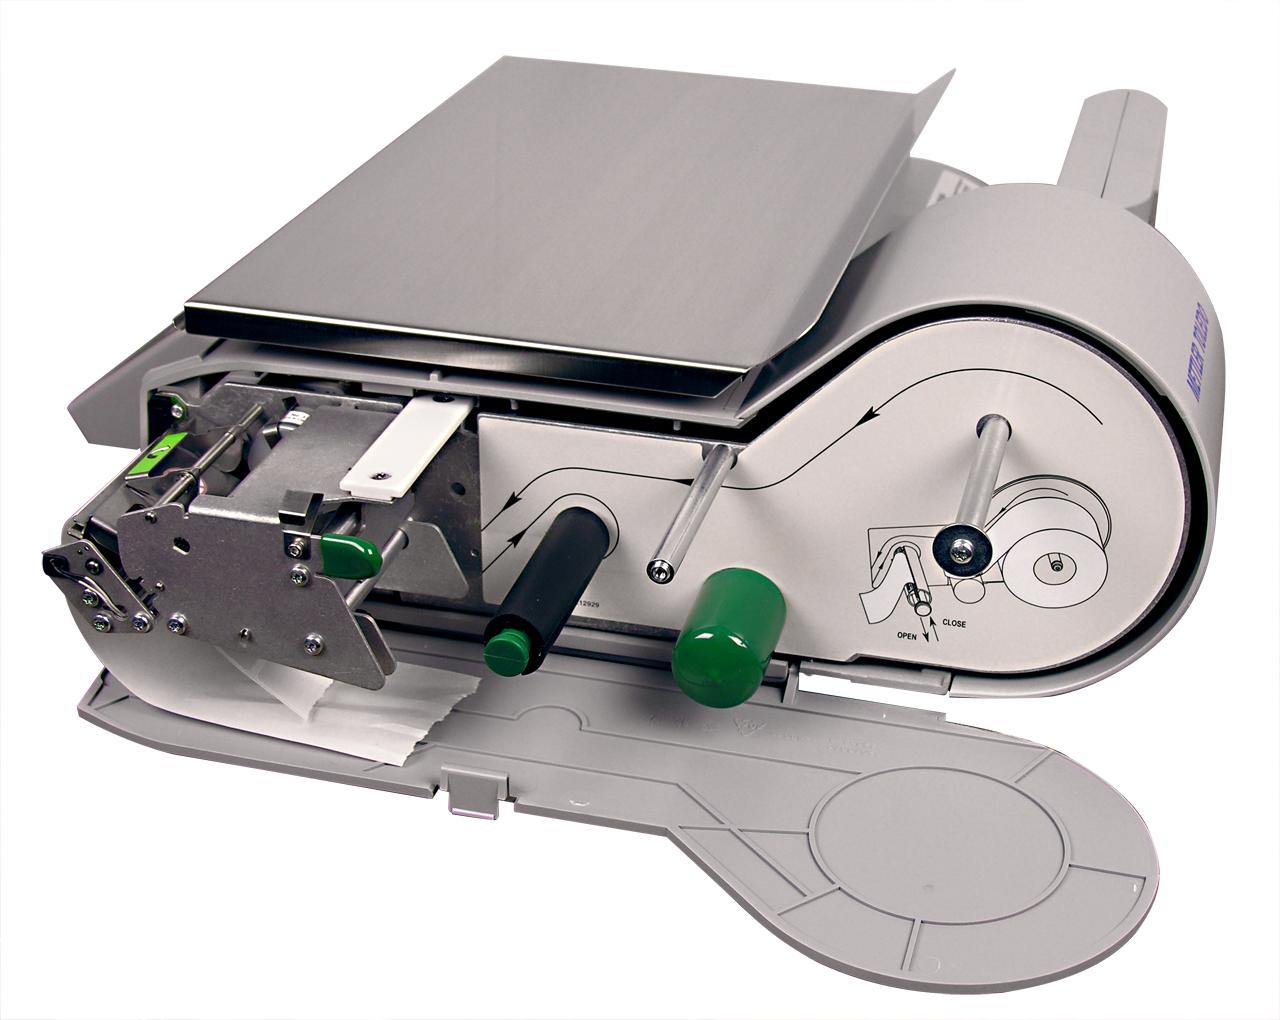 mettler toledo load cell installation manual